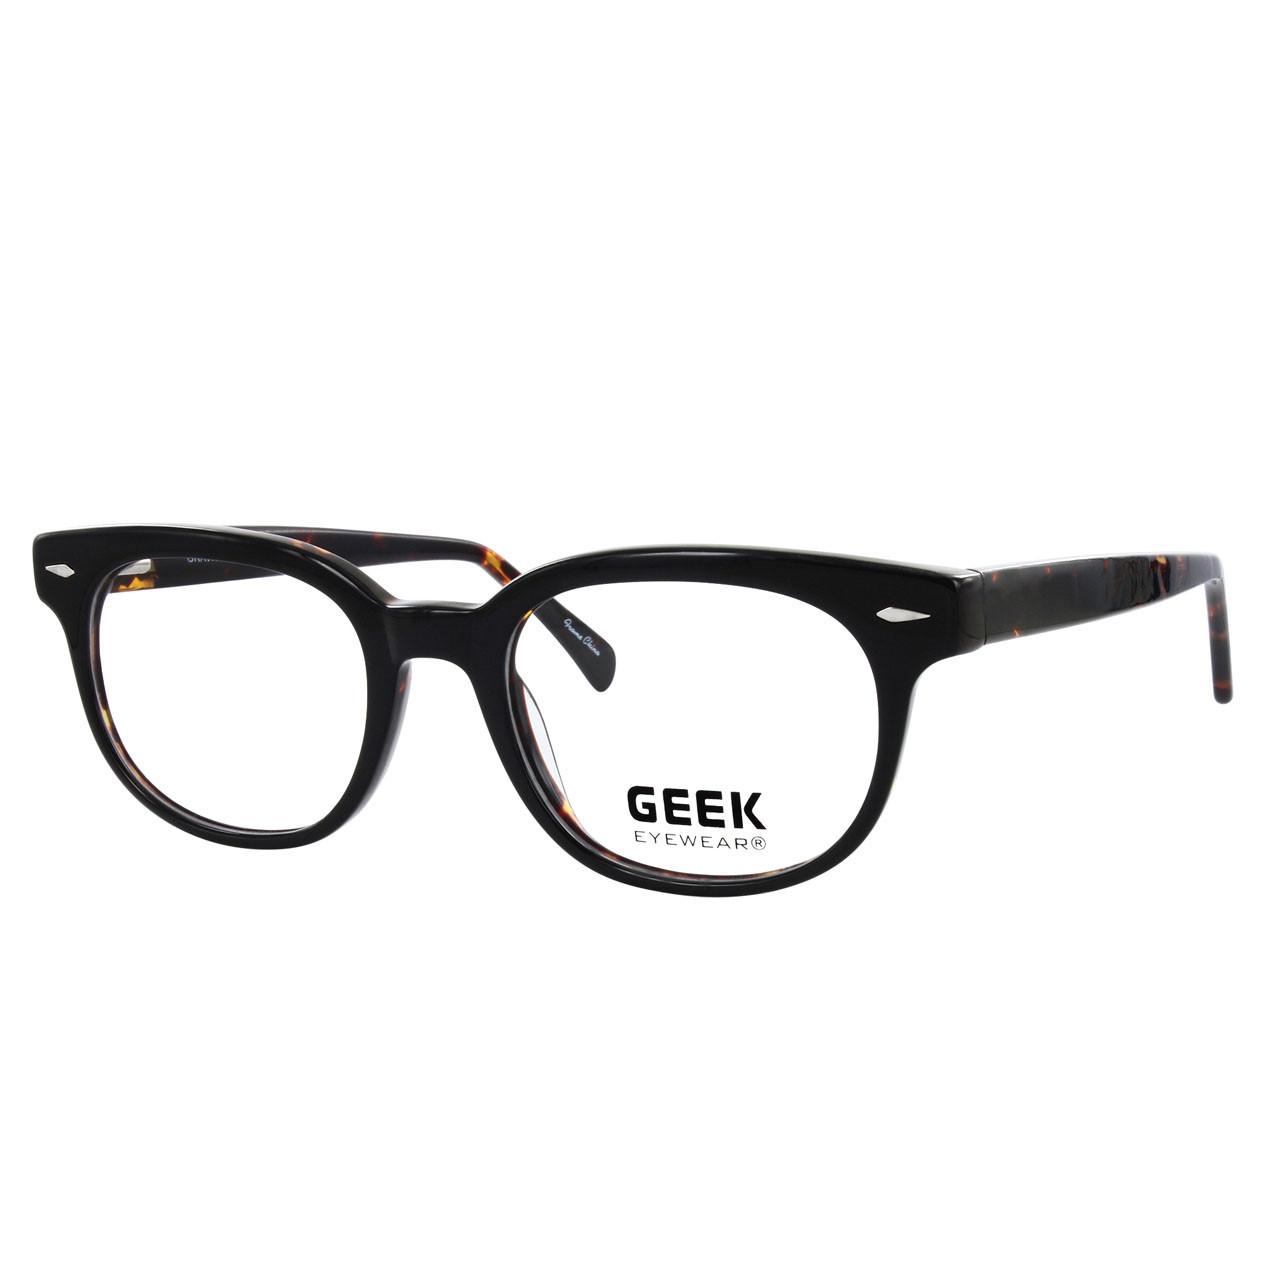 GEEK Eyewear GEEK Gravity Black Tortoise